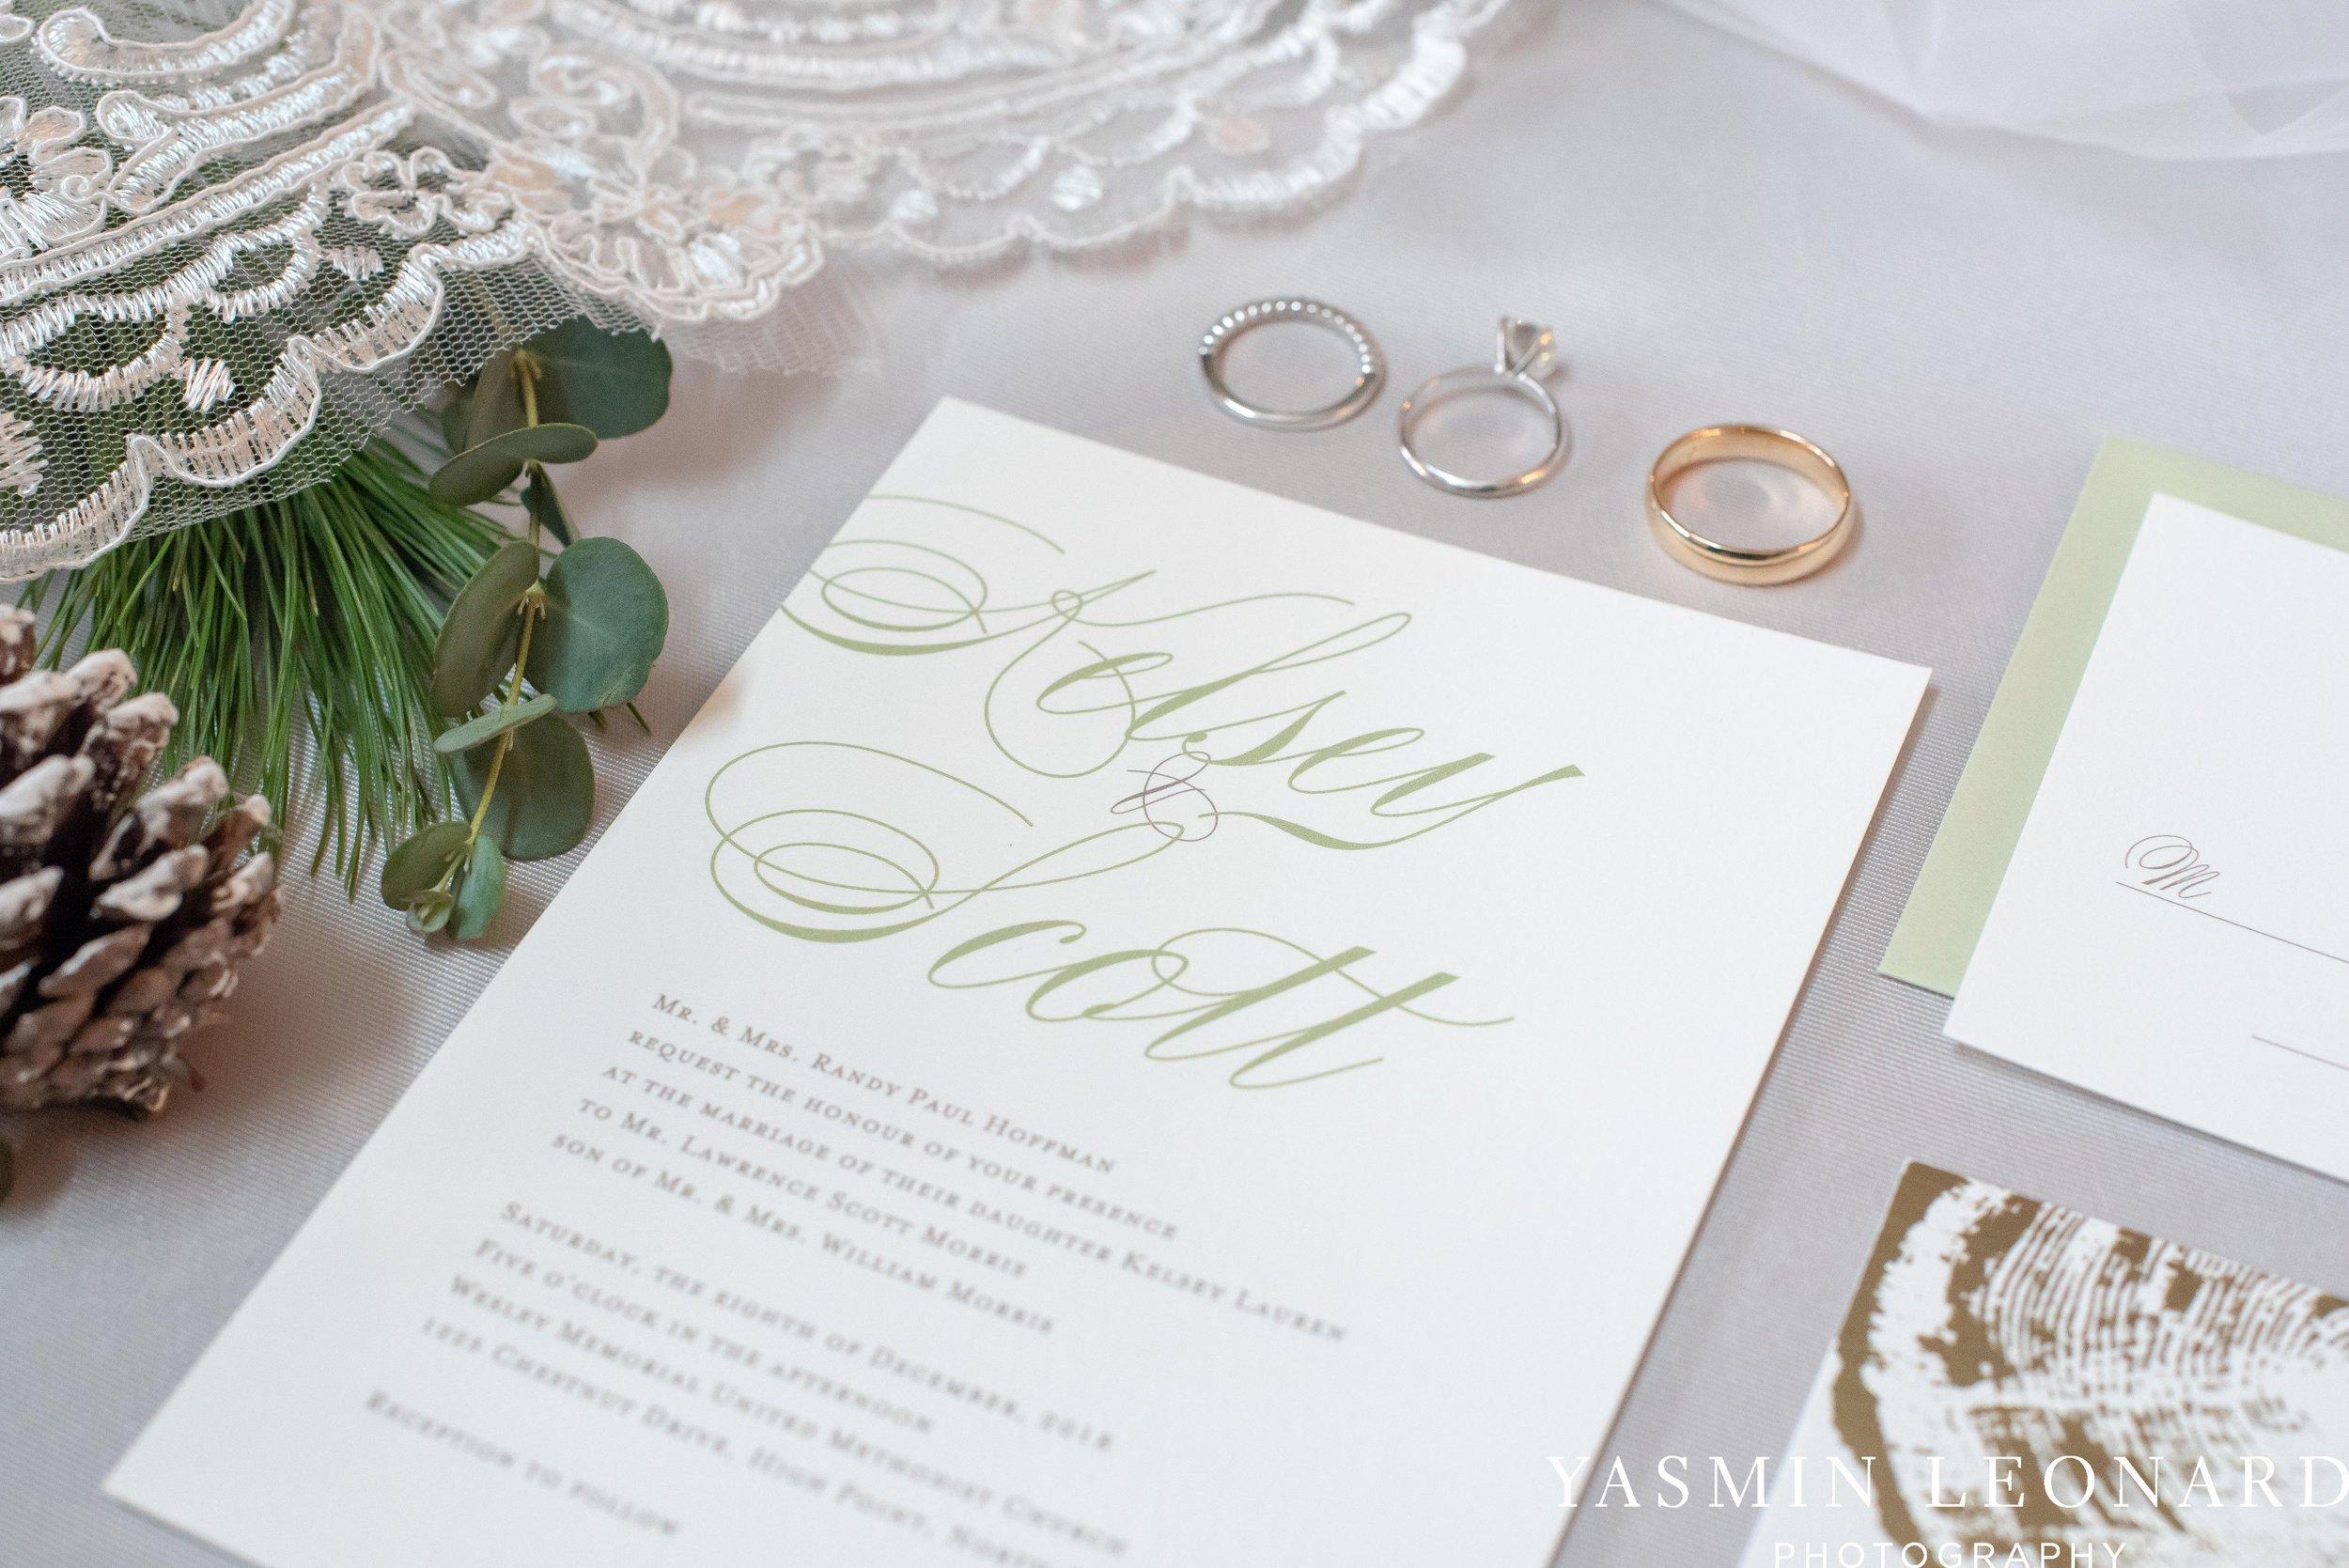 Adaumont Farm - Wesley Memorial Weddings - High Point Weddings - Just Priceless - NC Wedding Photographer - Yasmin Leonard Photography - High Point Wedding Vendors-3.jpg